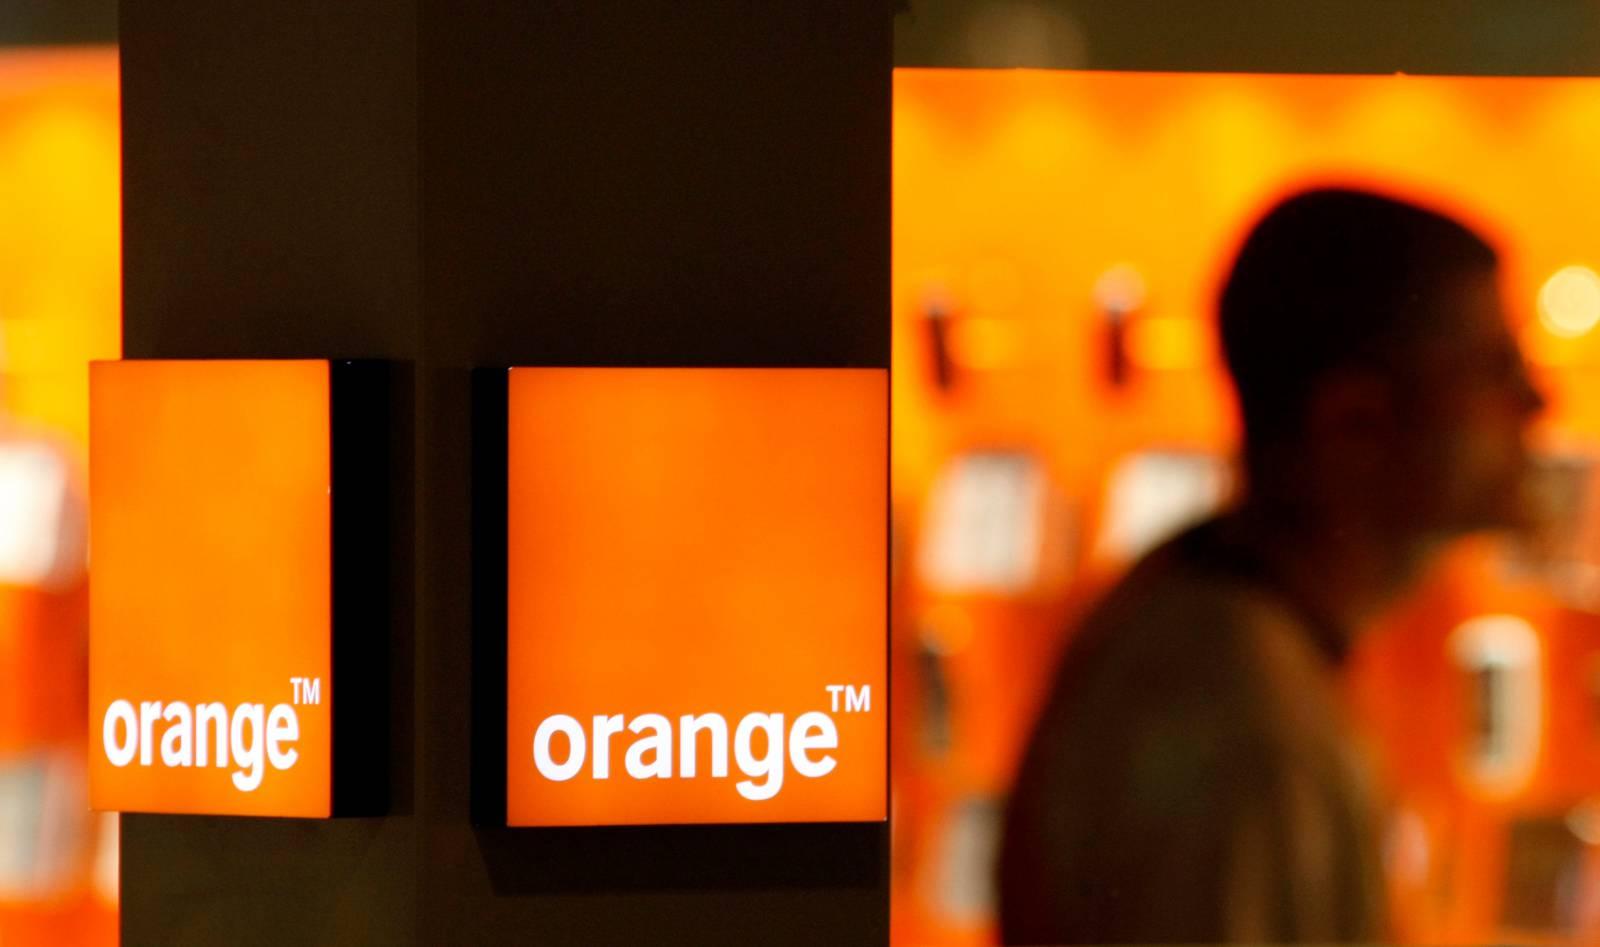 Orange ULTIMELE Oferte foarte BUNE pentru Black Friday de la Operator